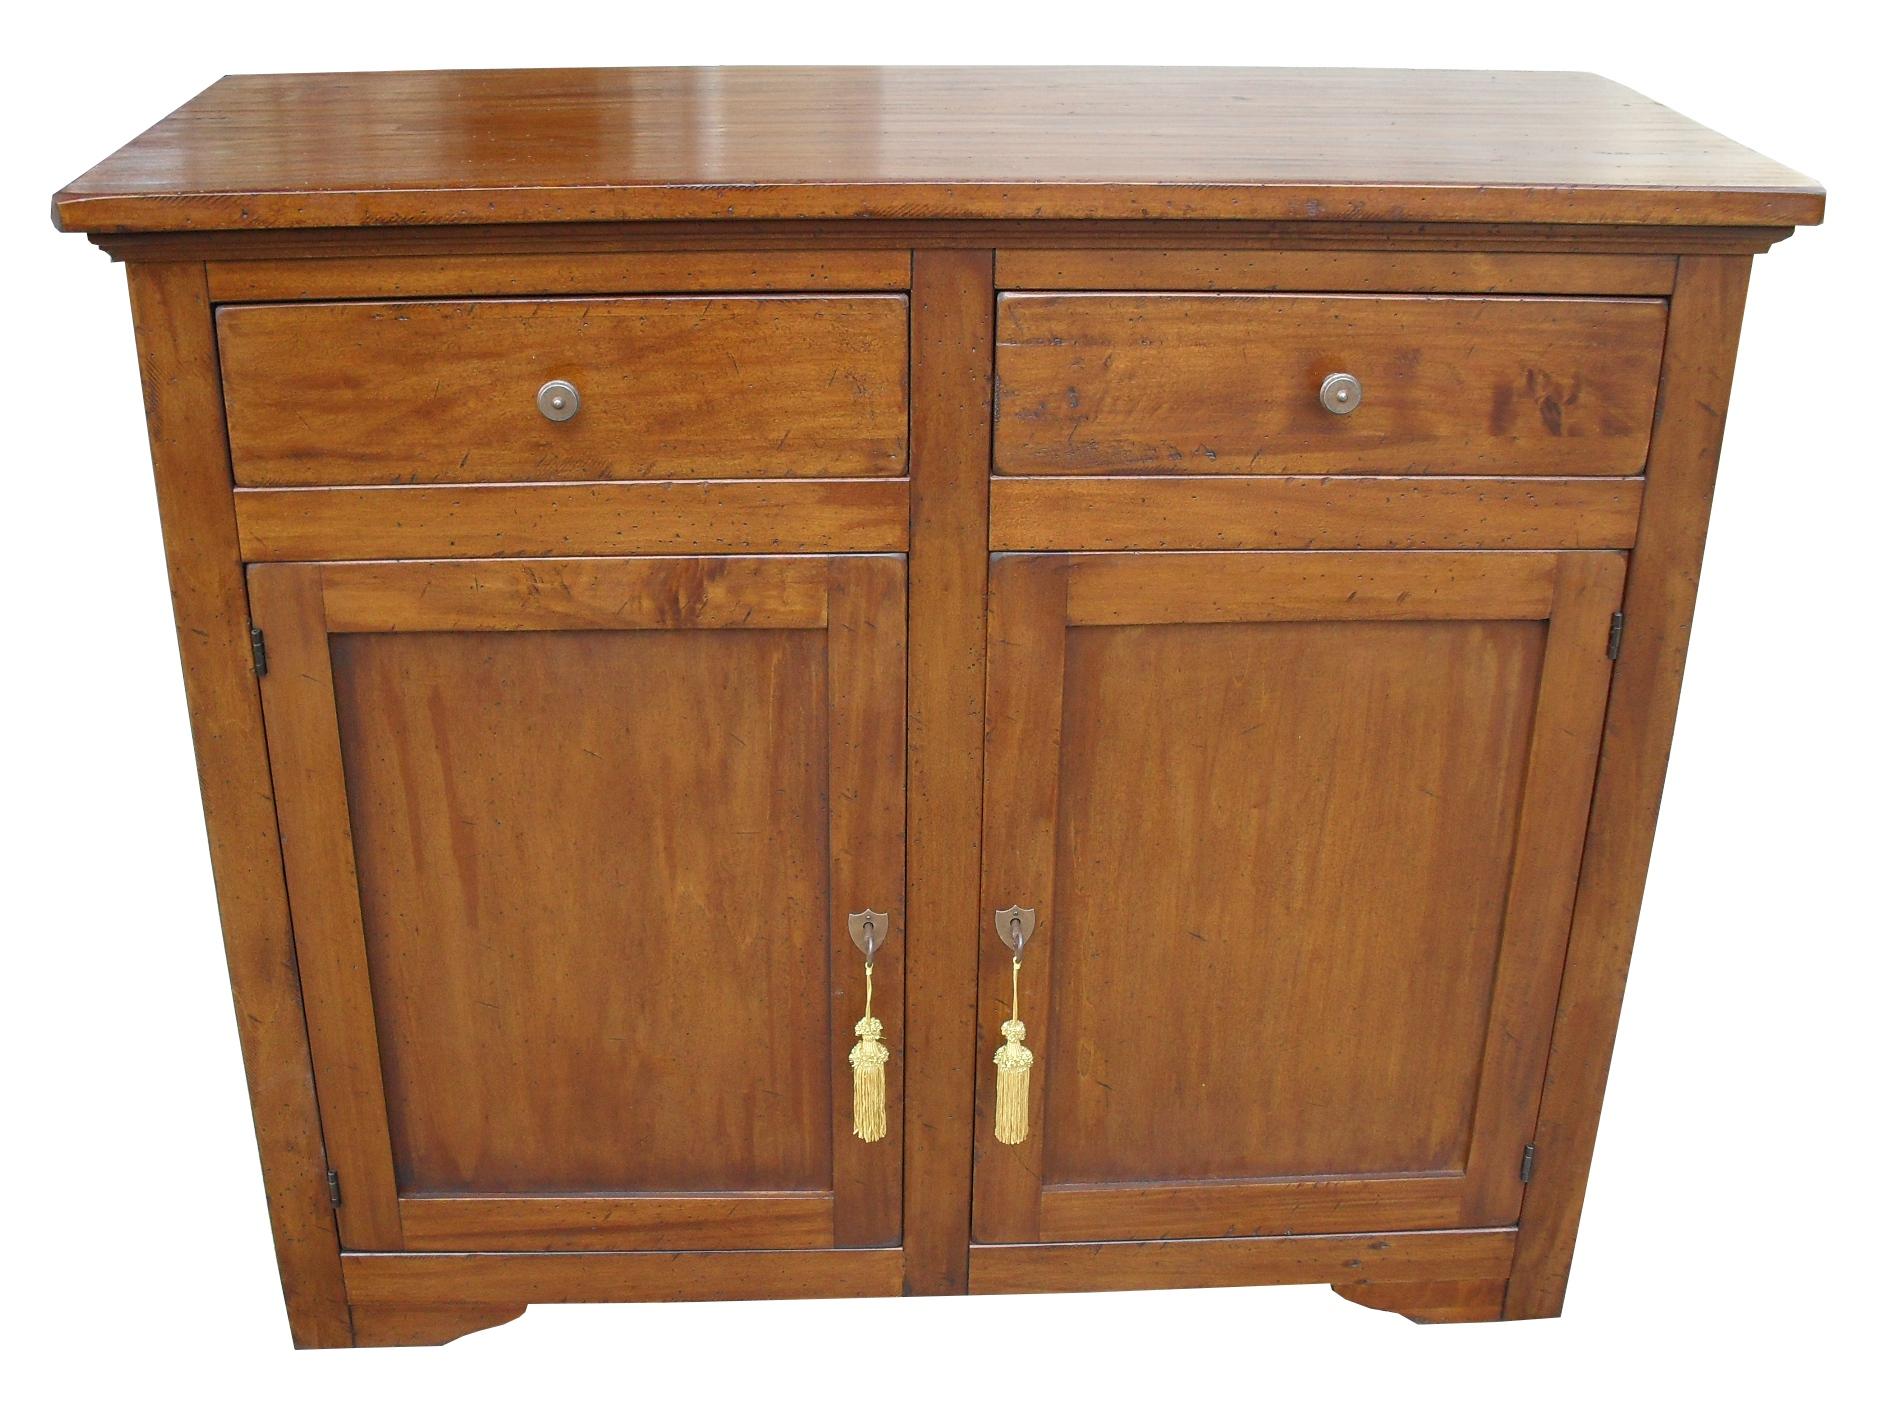 Madia in legno massello arte povera 2 porte la commode di davide corno - Mercatone uno mobili arte povera ...